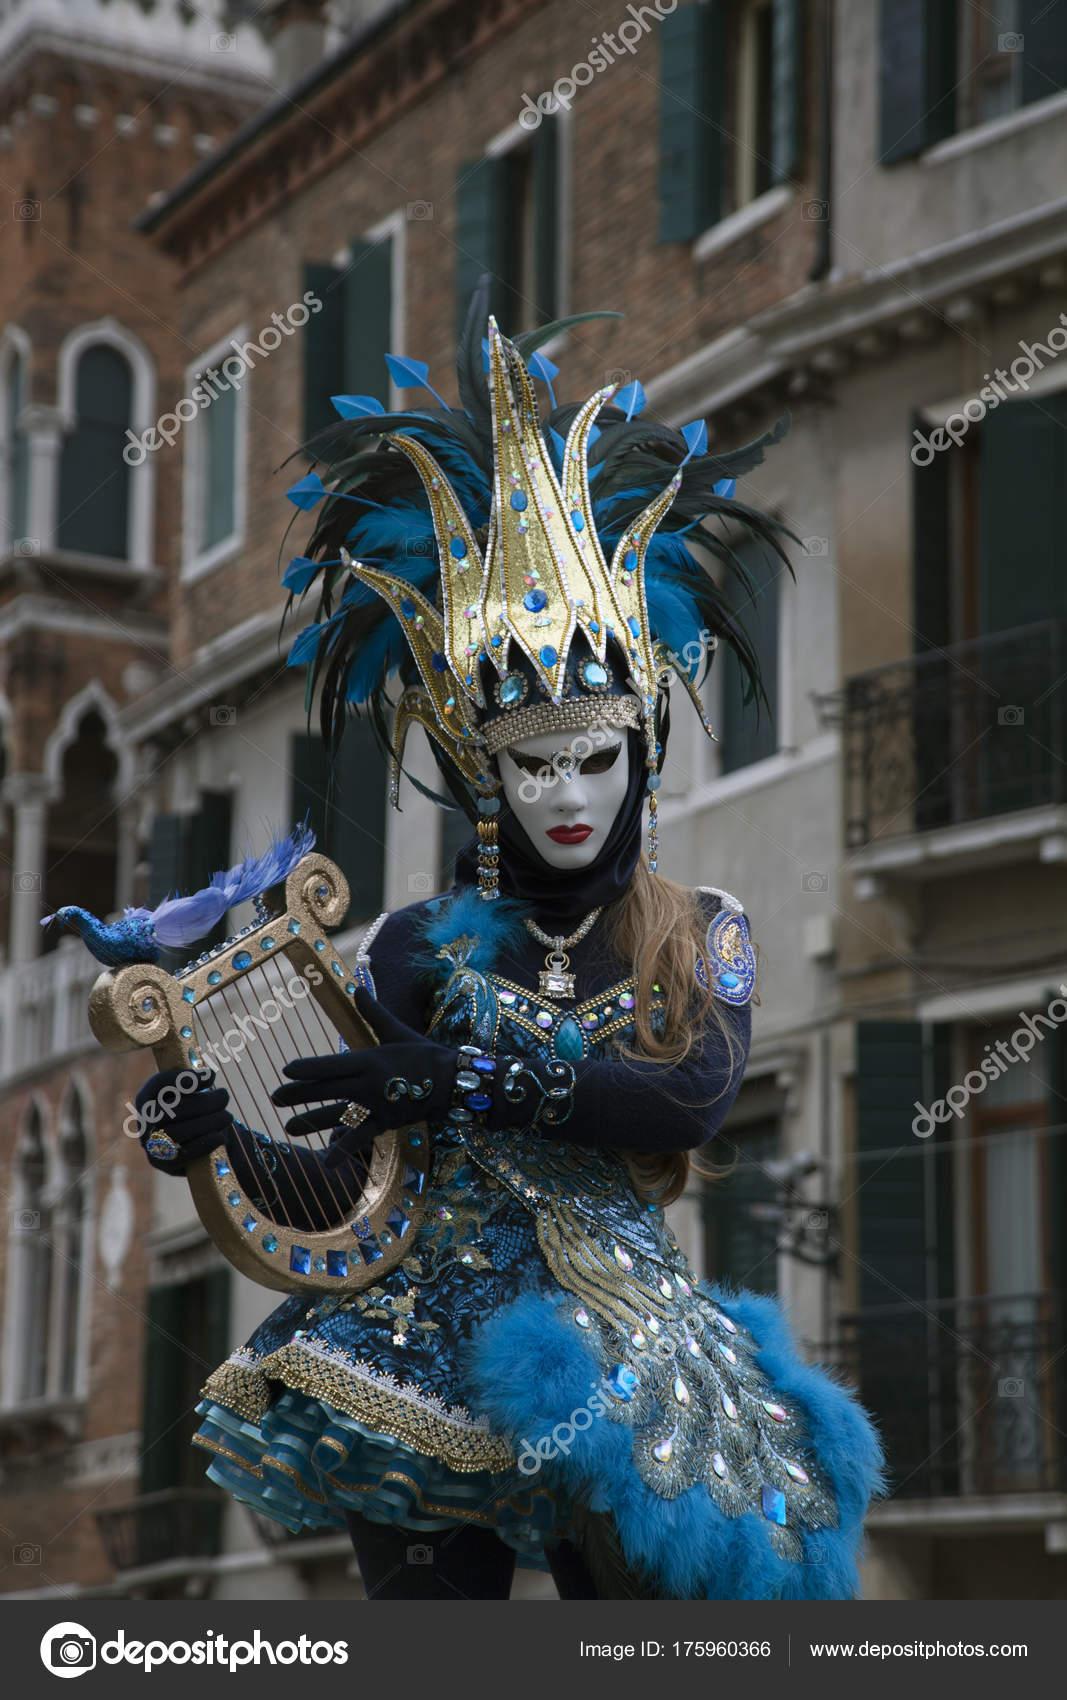 cerca le ultime amazon disegni attraenti Figura Carnevale Veneziano Costume Colorato Maschera Venezia ...